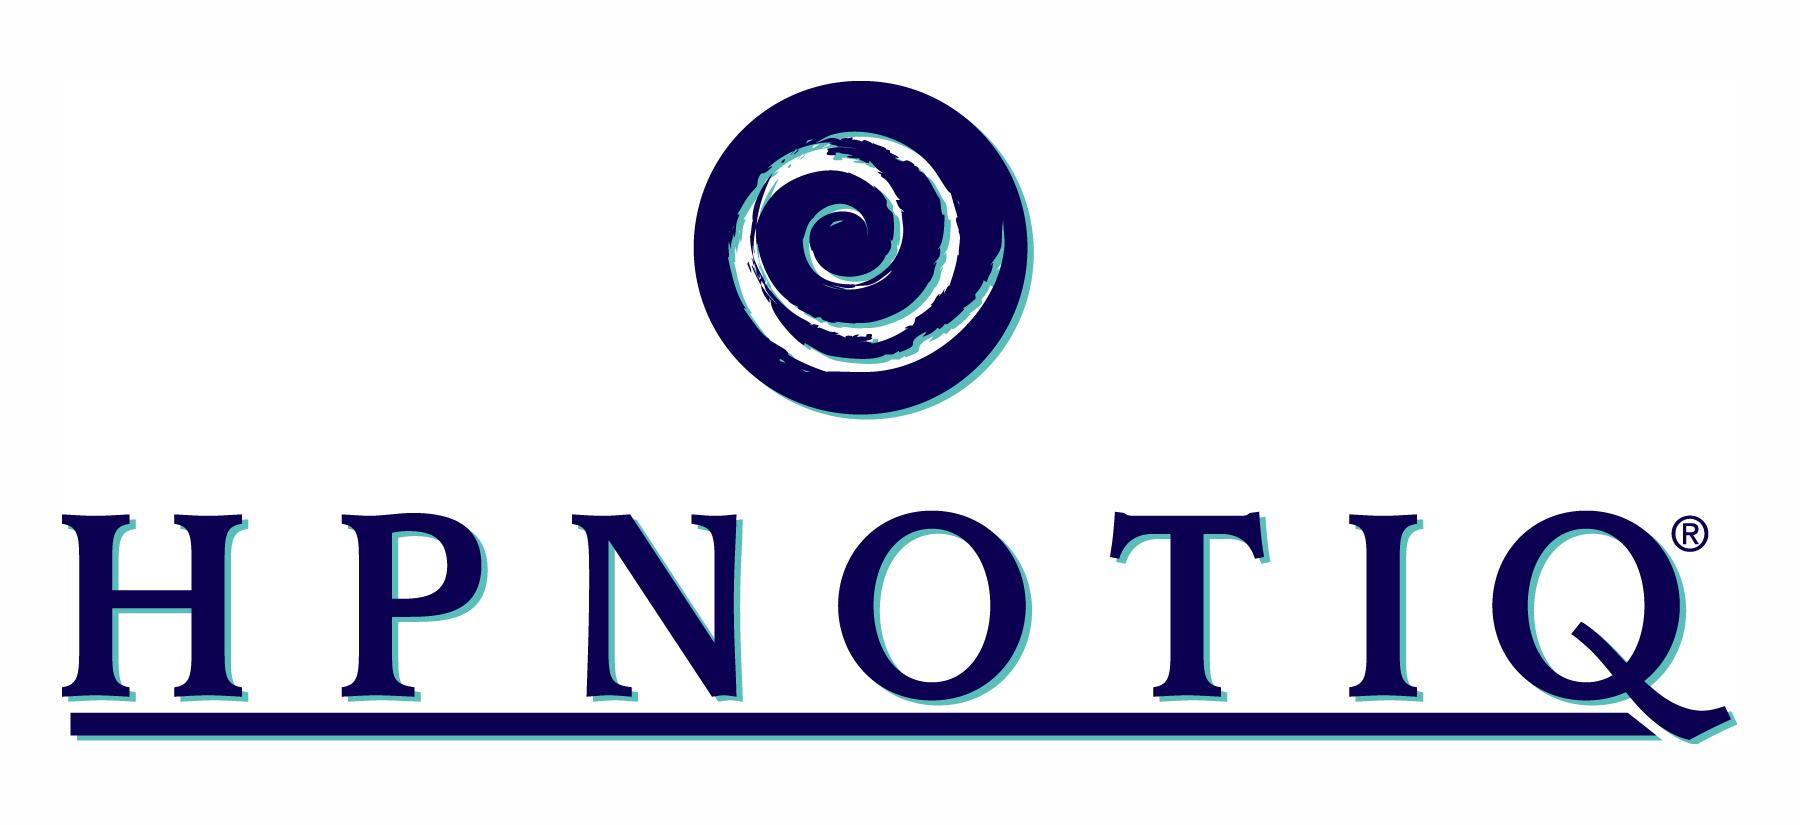 Hpnotiq_navy Logo_5.jpg